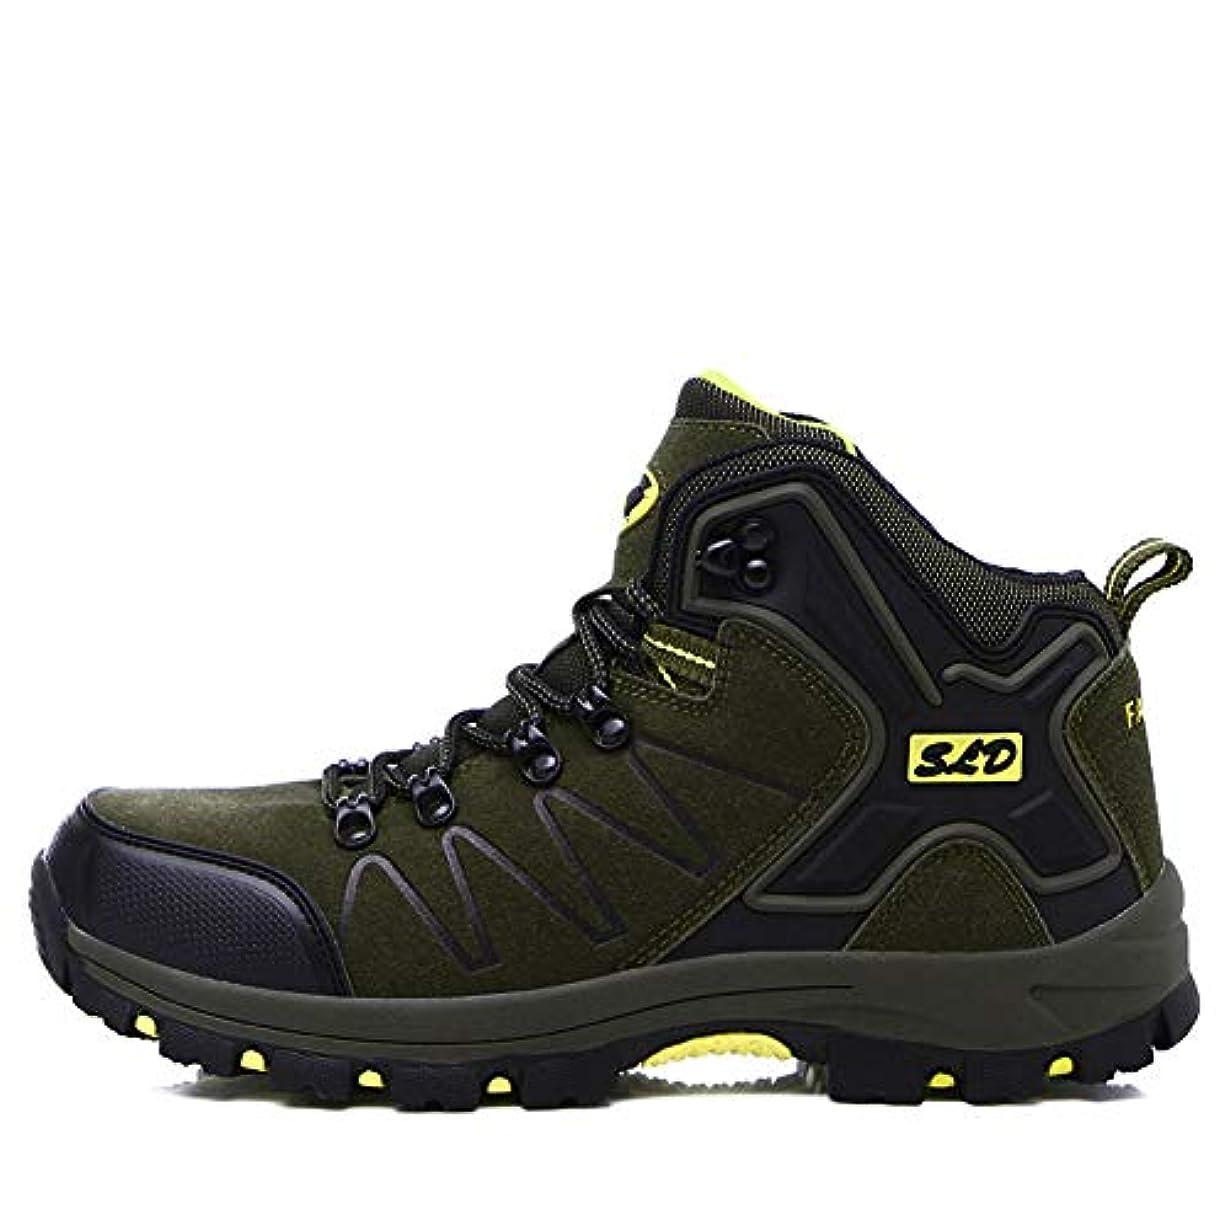 列挙する安価な群れ[TcIFE] トレッキングシューズ メンズ 防水 防滑 ハイカット 登山靴 大きいサイズ ハイキングシューズ メンズ 耐磨耗 ハイキングシューズ メンズ 通気性 スニーカー